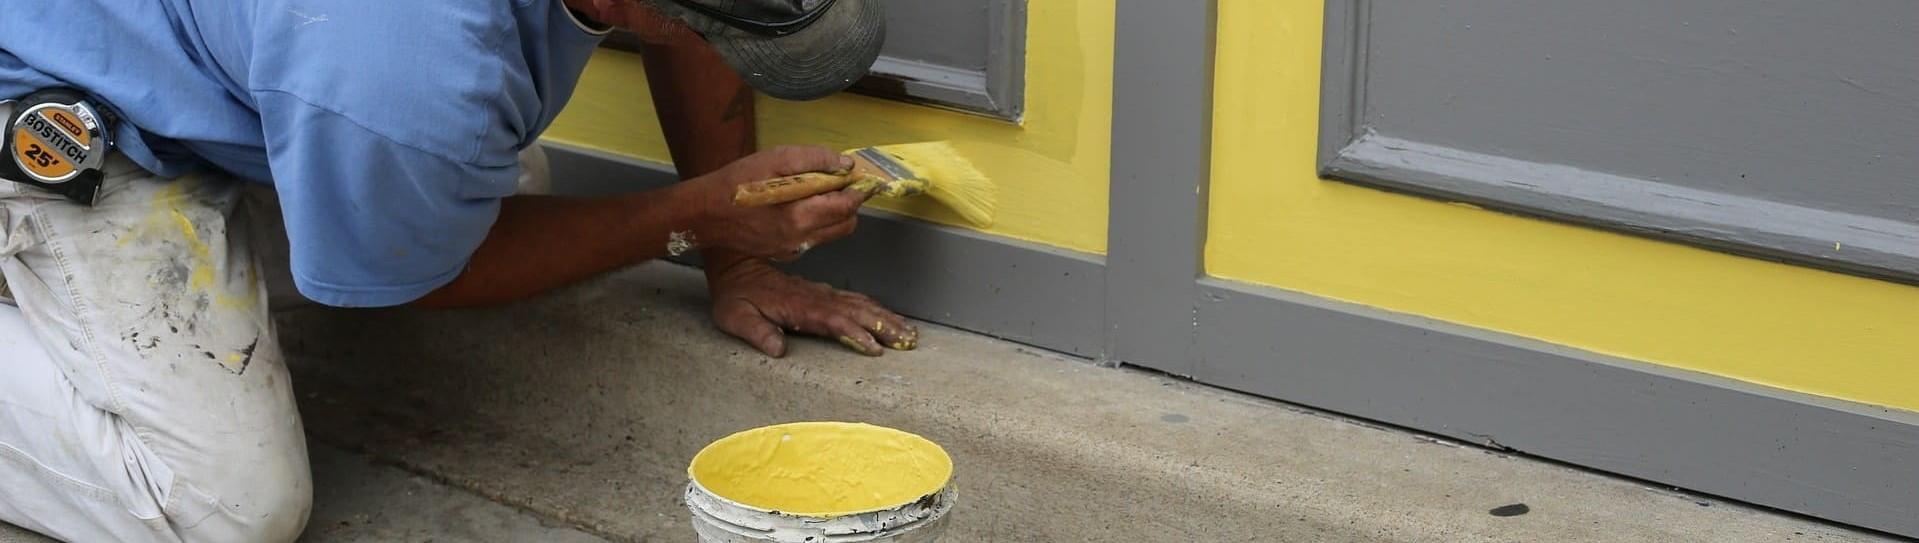 Brondel Luc - Peintre en bâtiment - Wazaa